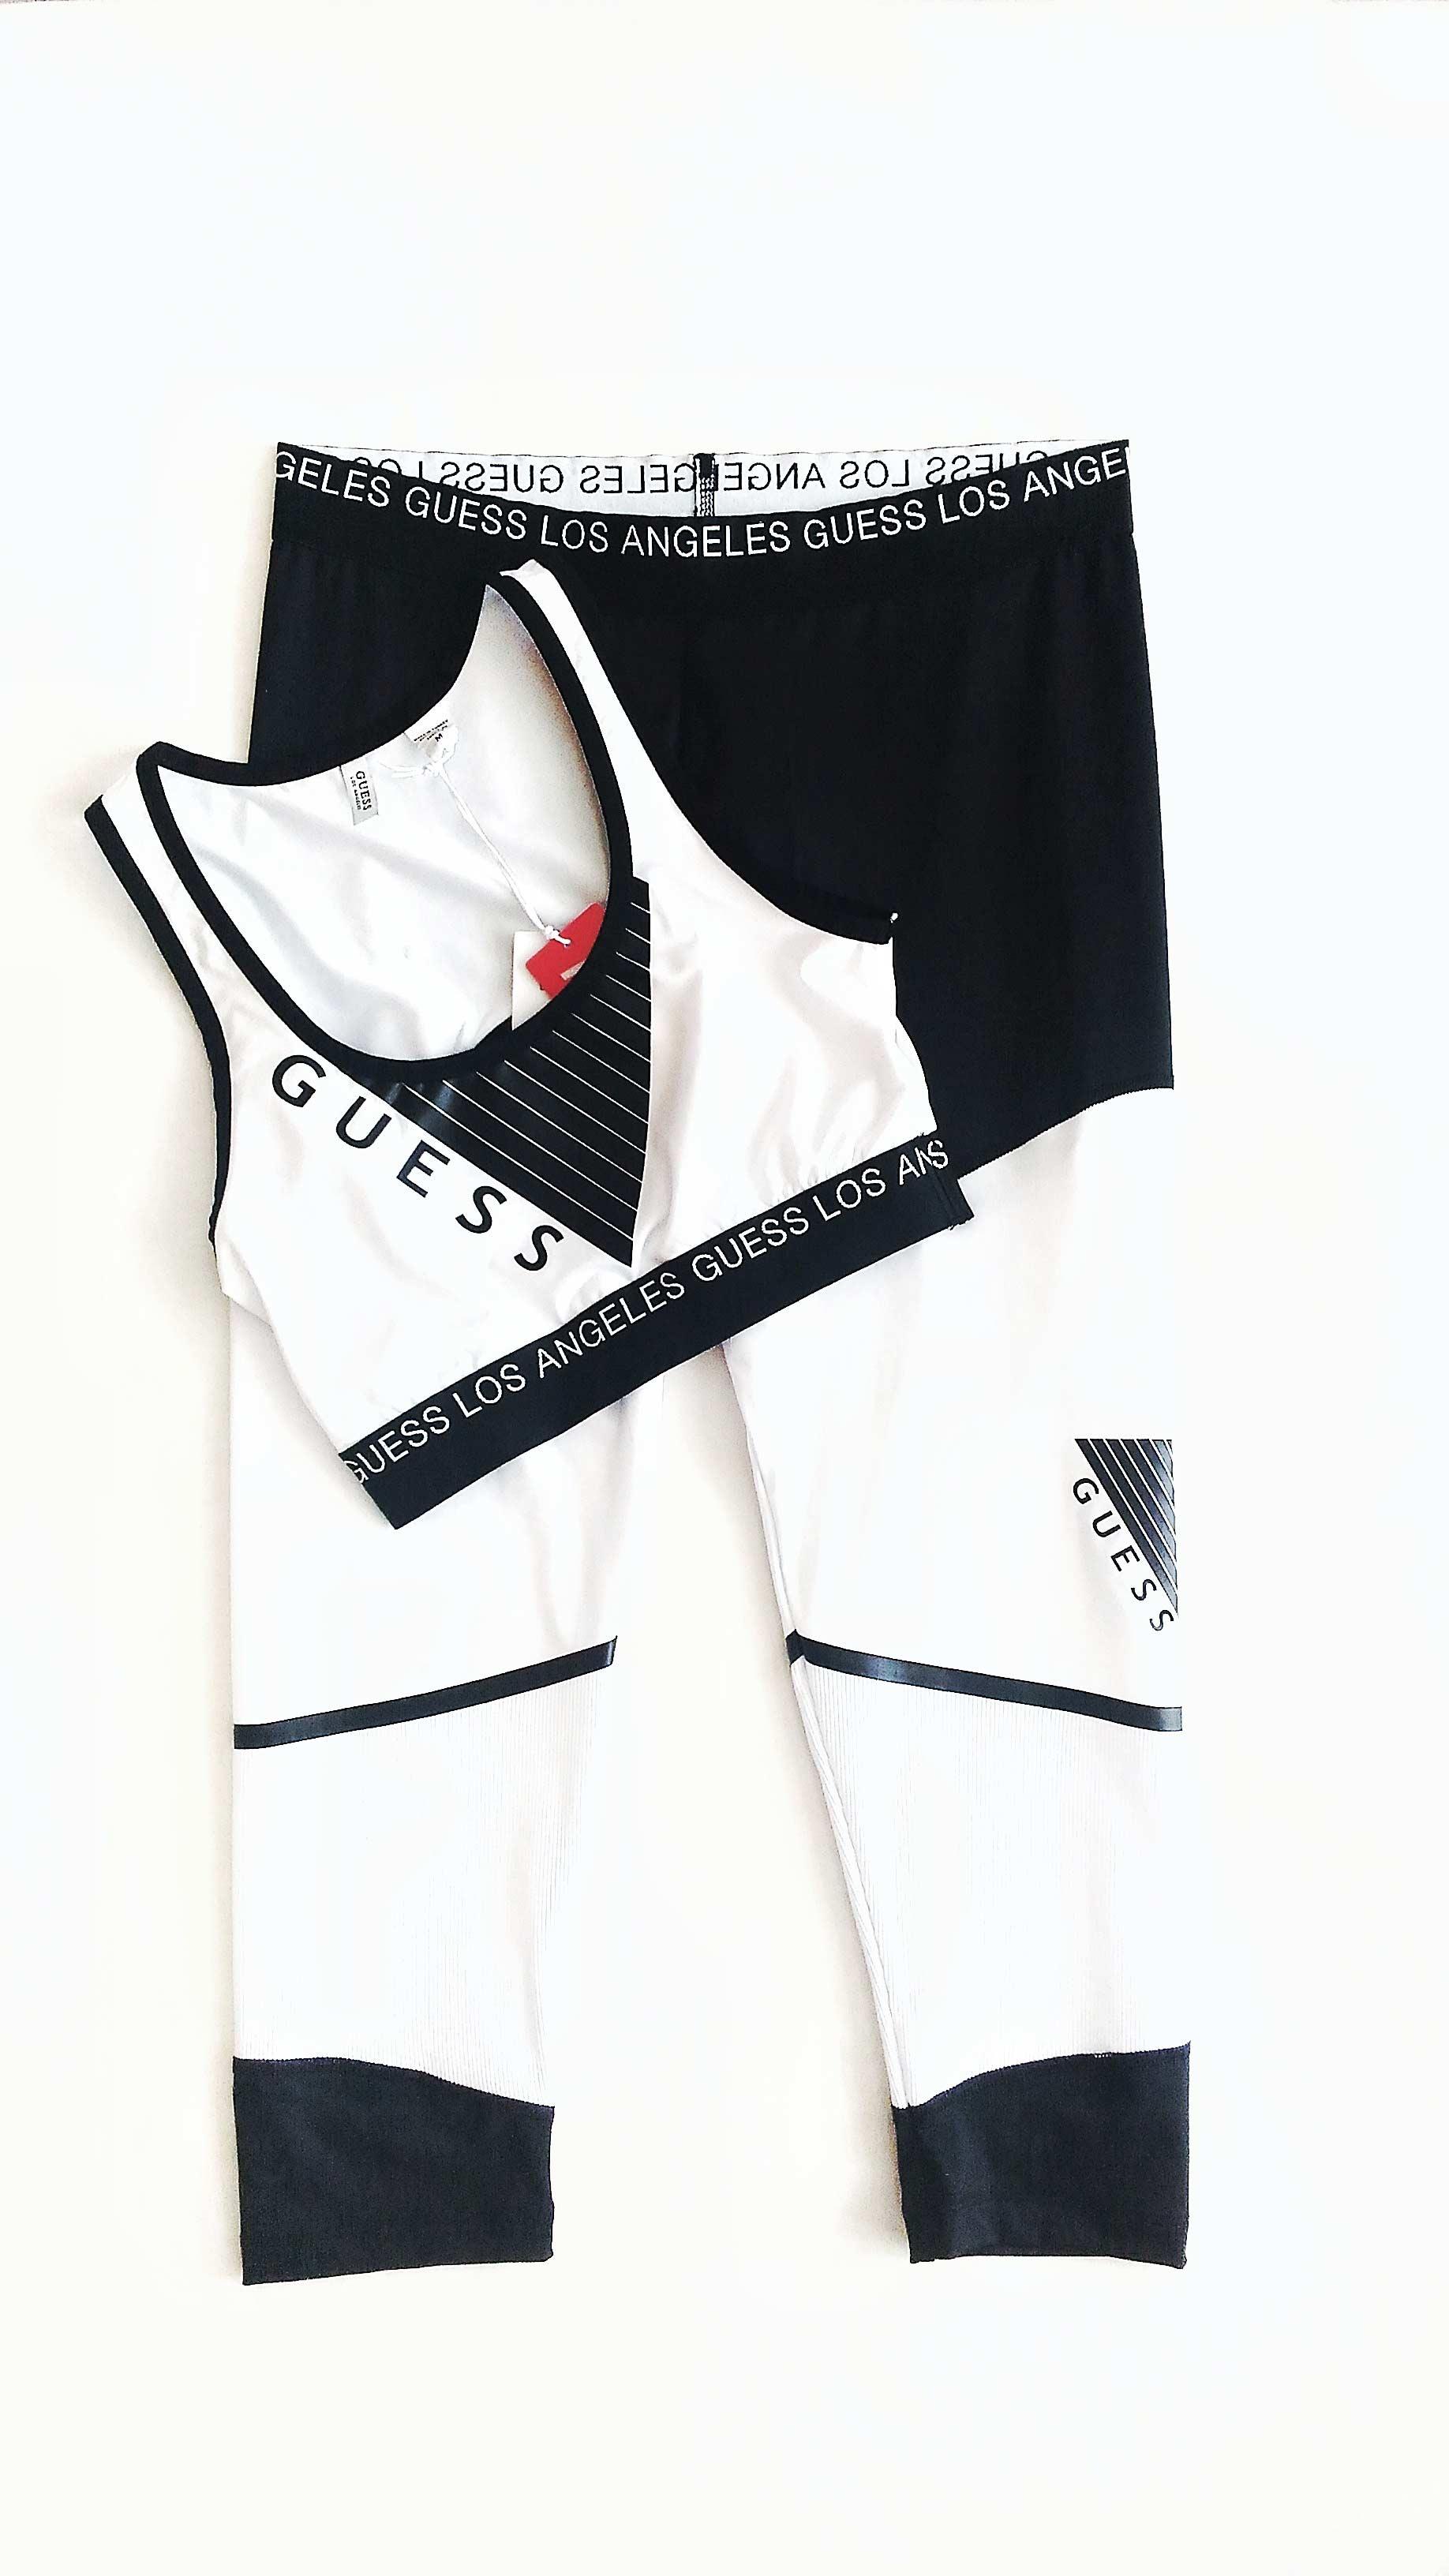 Pantalone donna sport collezione Guess Active